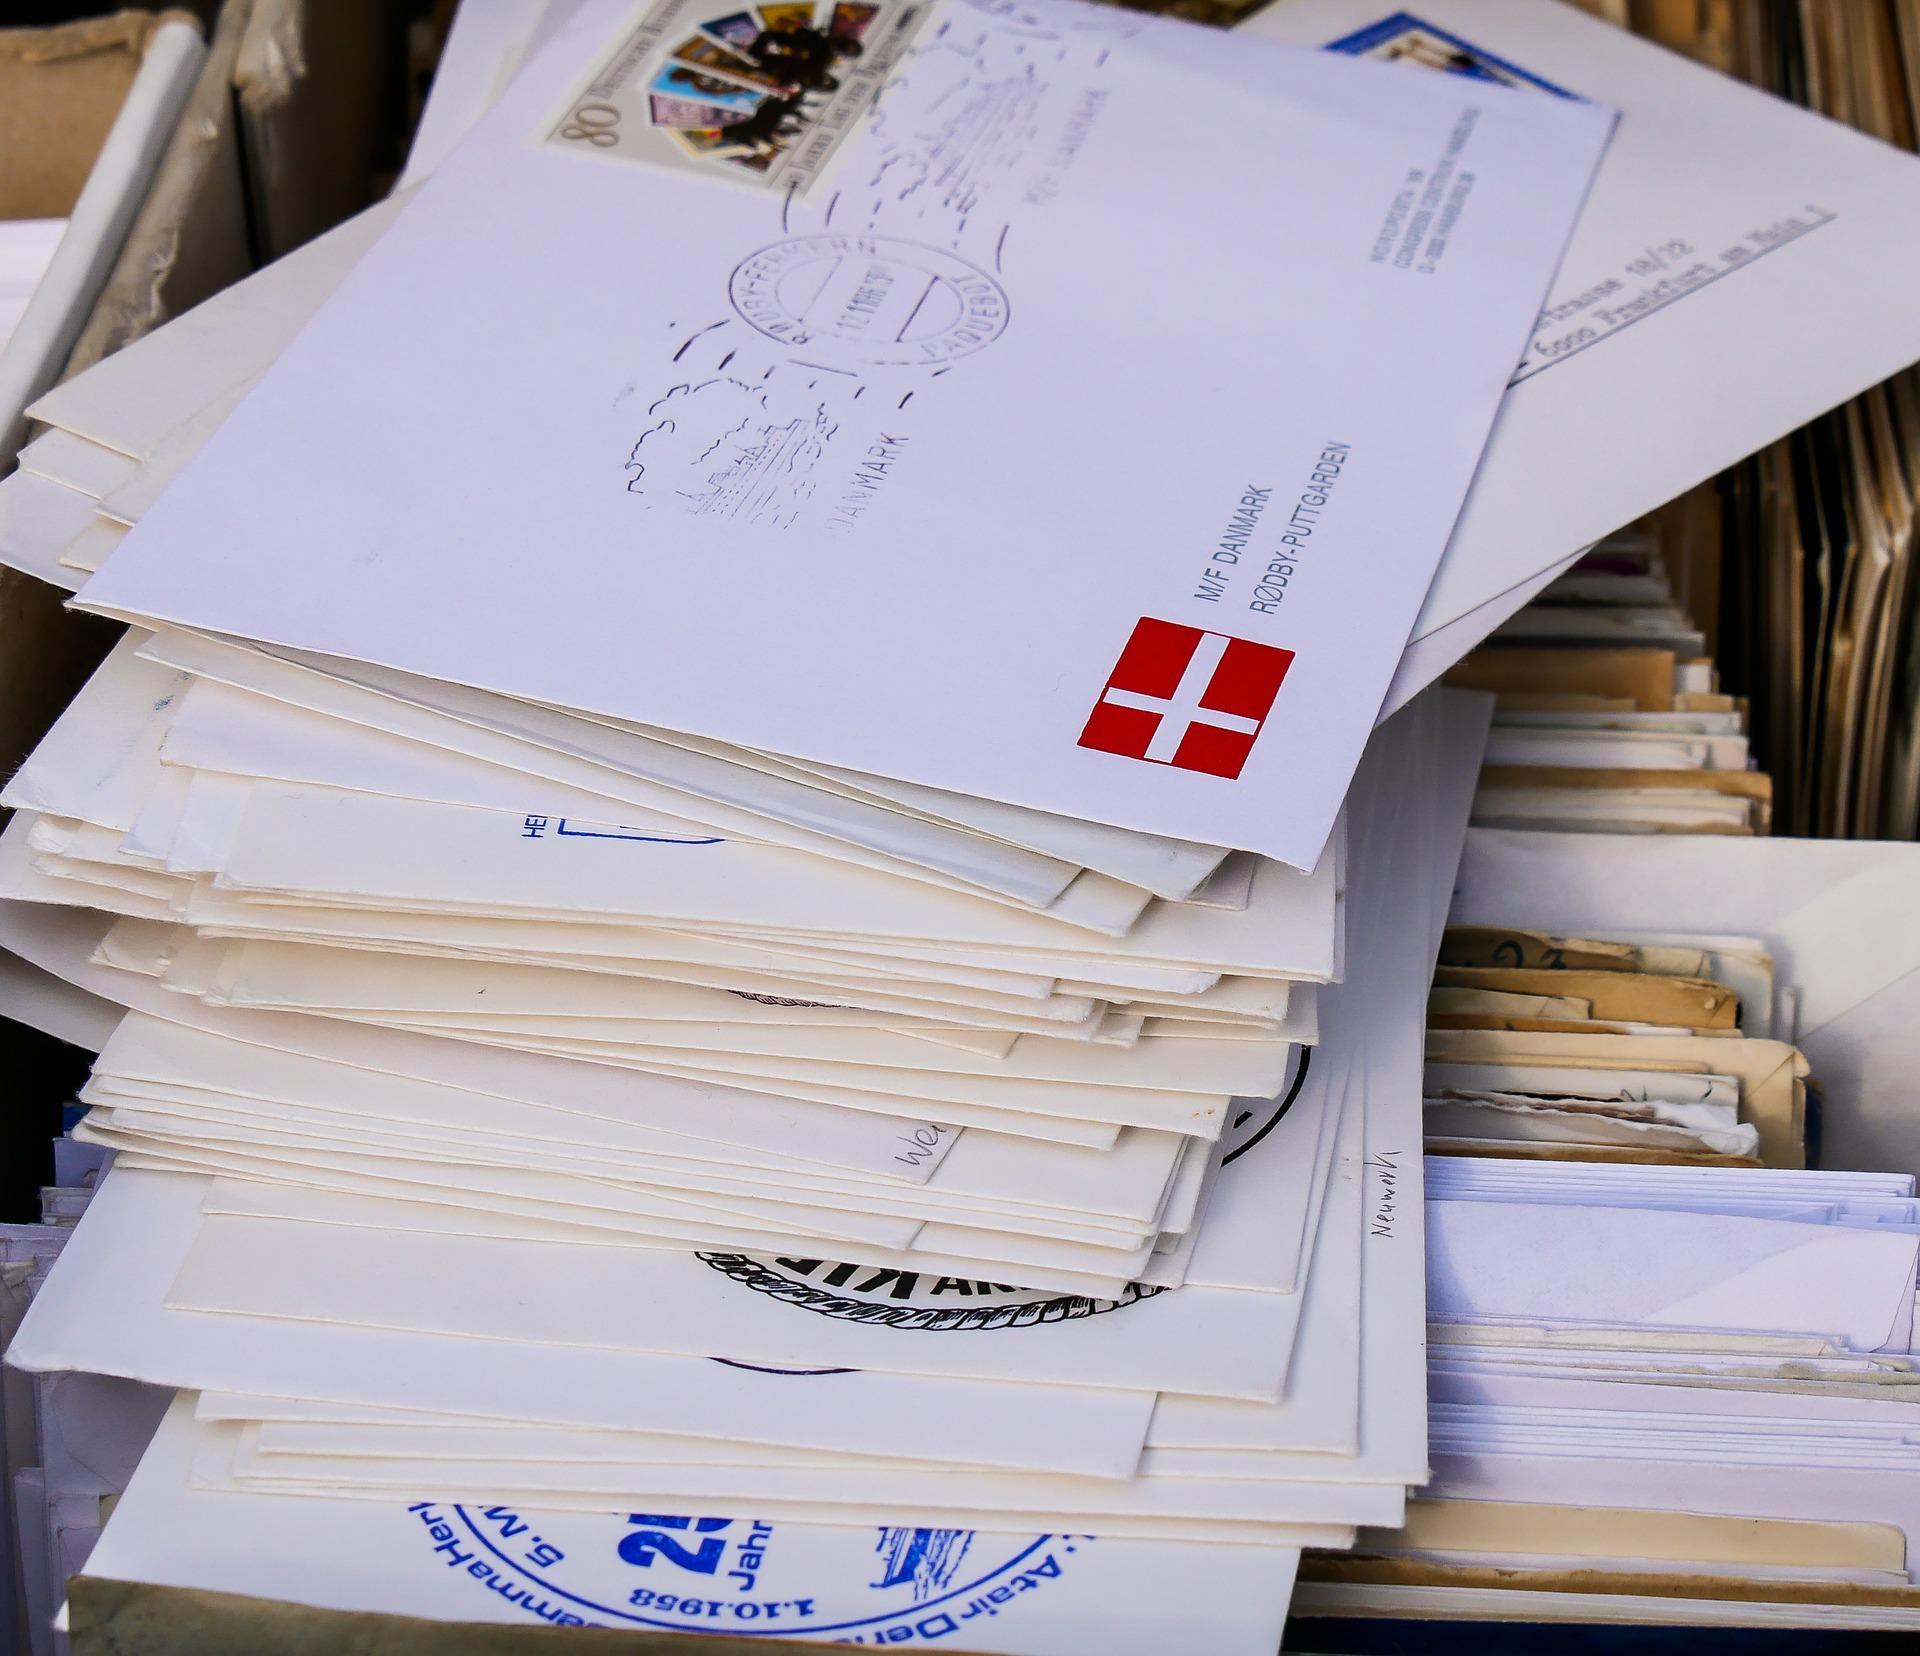 Сервис-провайдеры на Кайманах и БВО получили запросы от датской налоговой